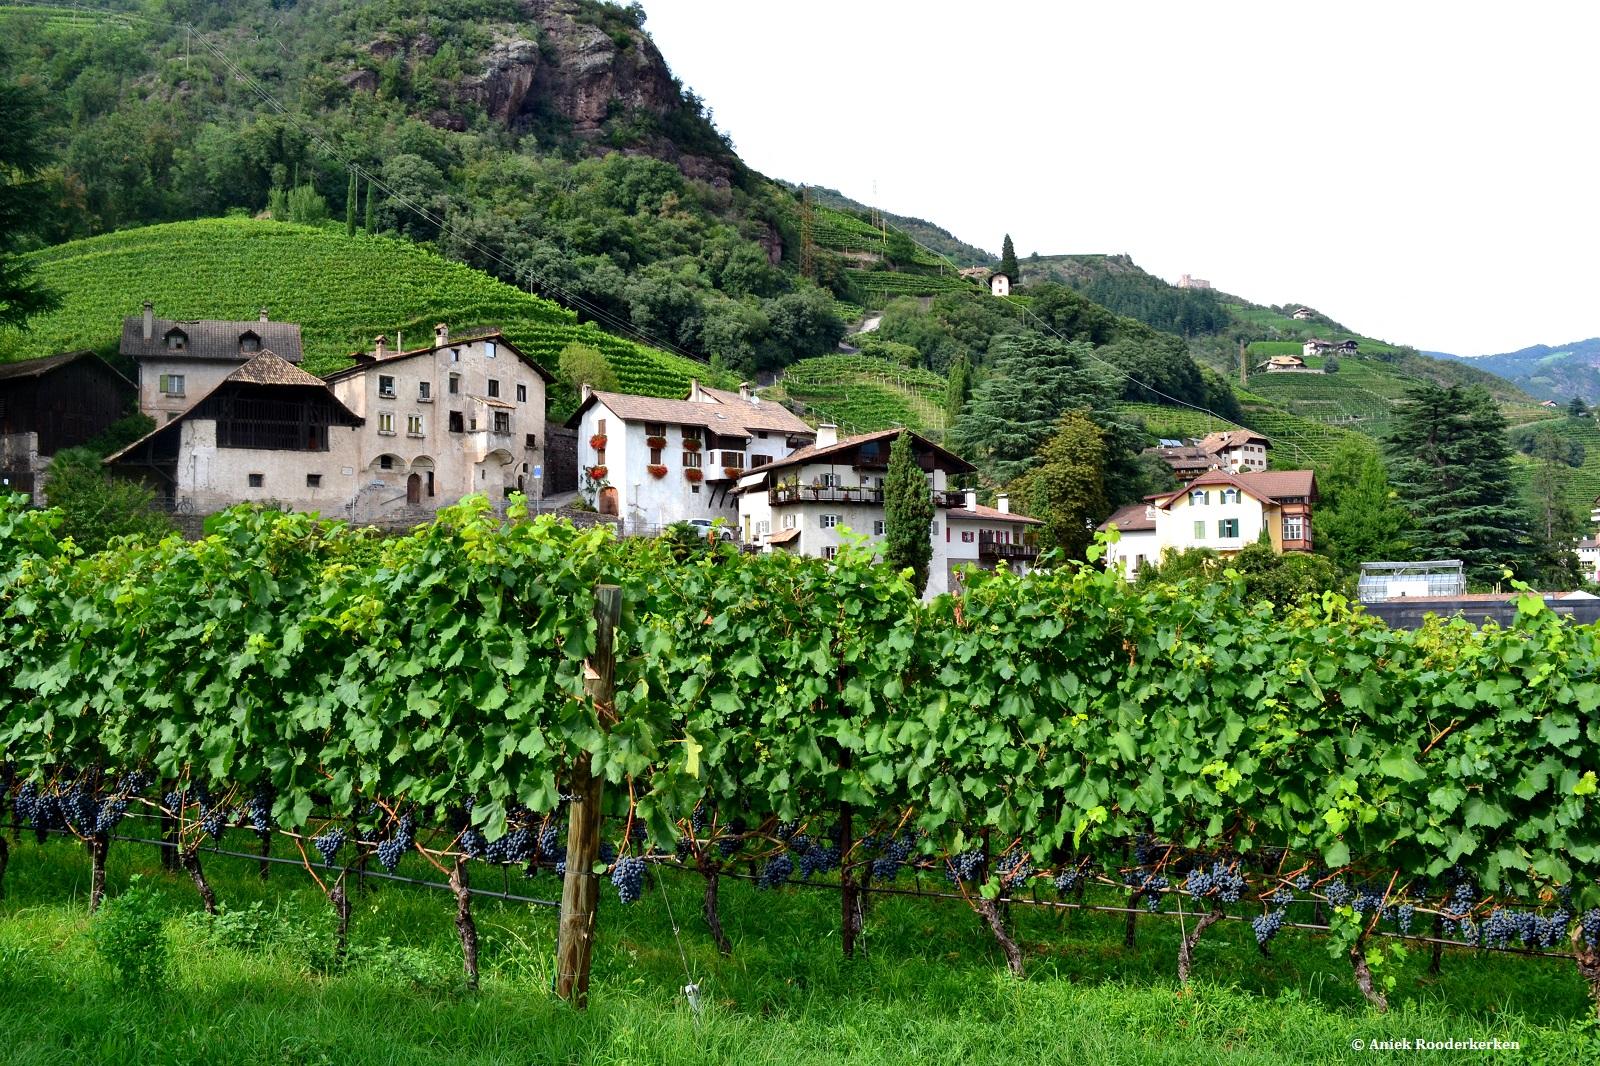 Rottensteiner, Zuid-Tirol